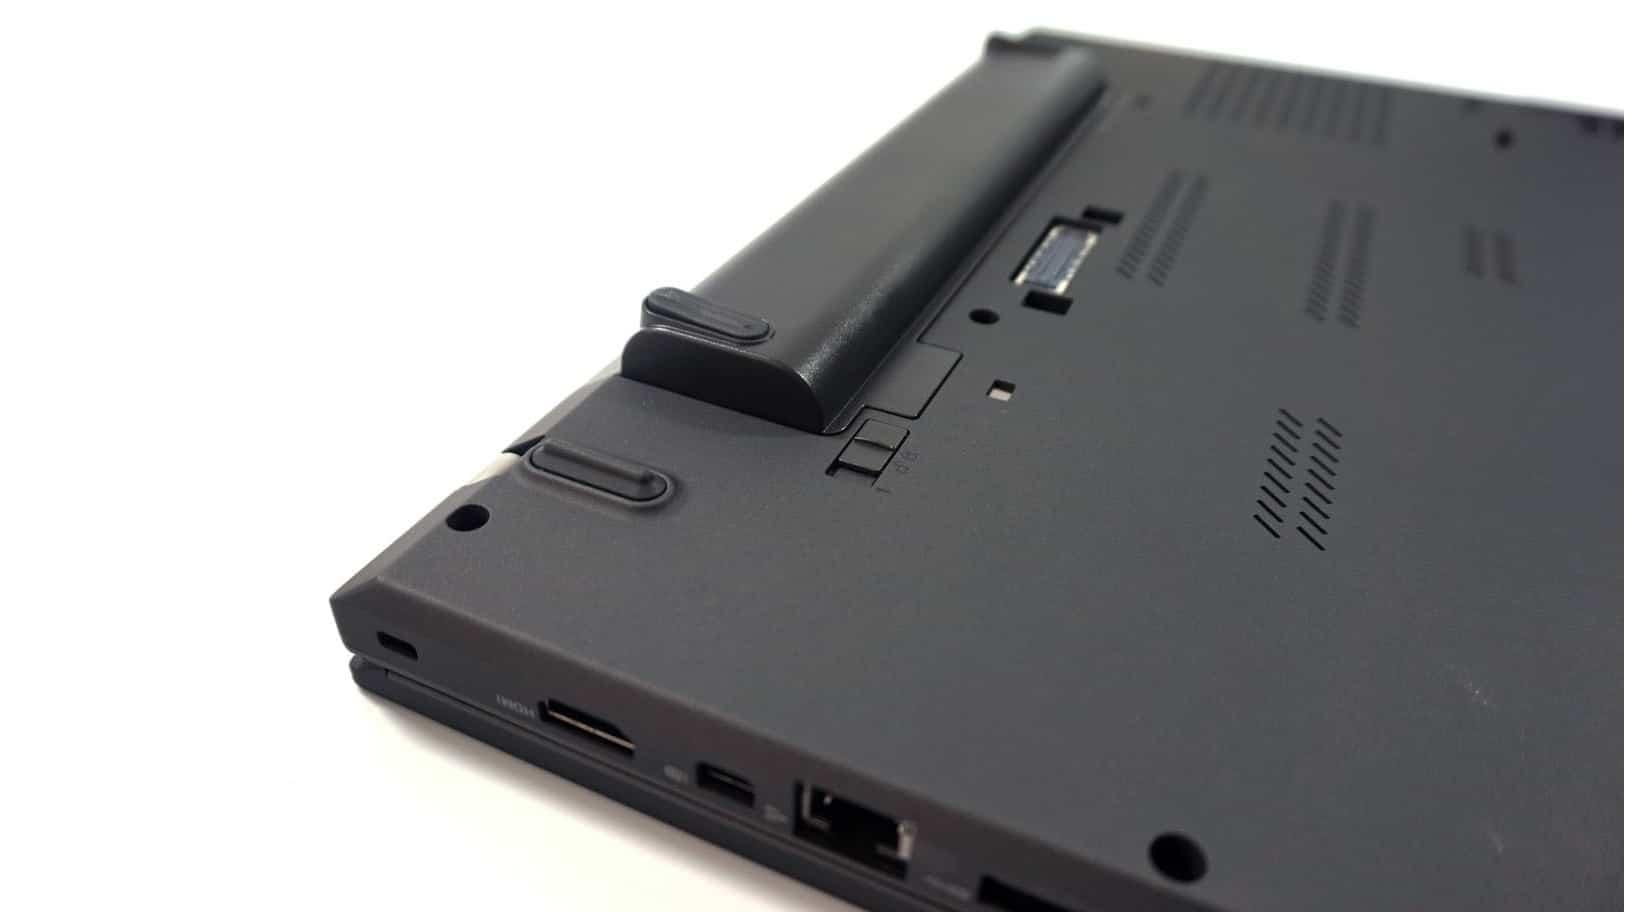 Lenovo ThinkPad T460p (8)